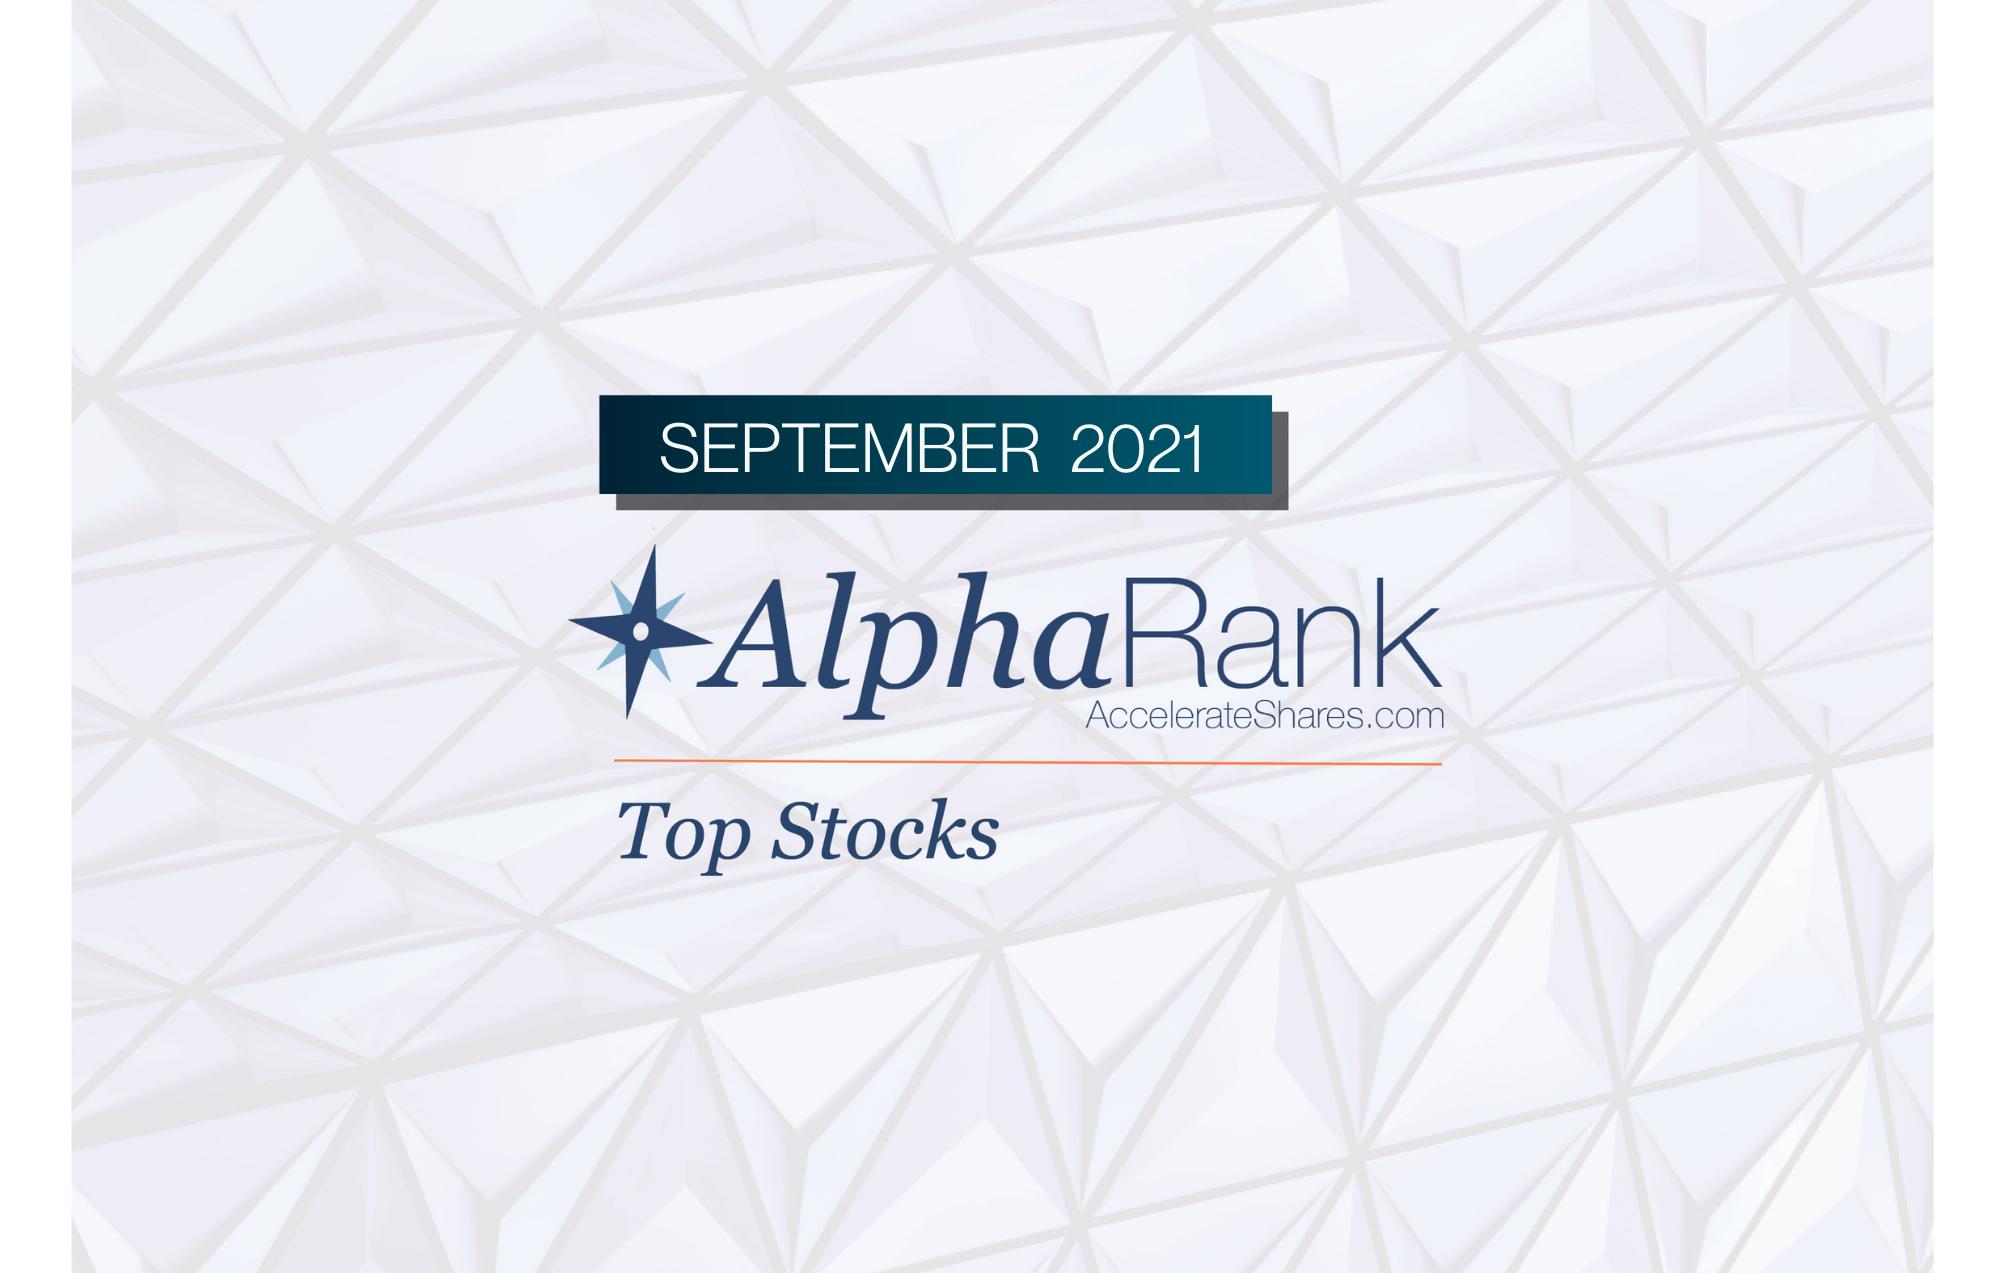 AlphaRank Top Stocks – September 2021